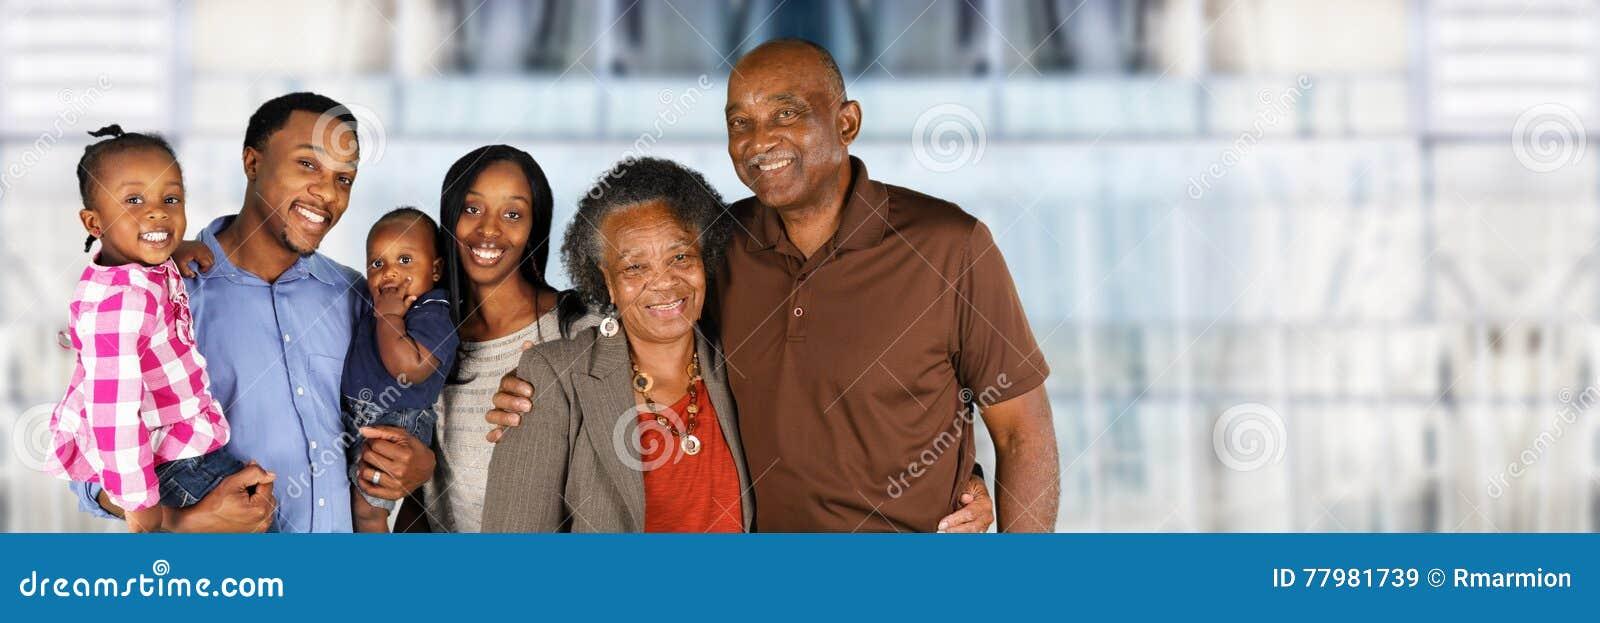 Casal superior com família